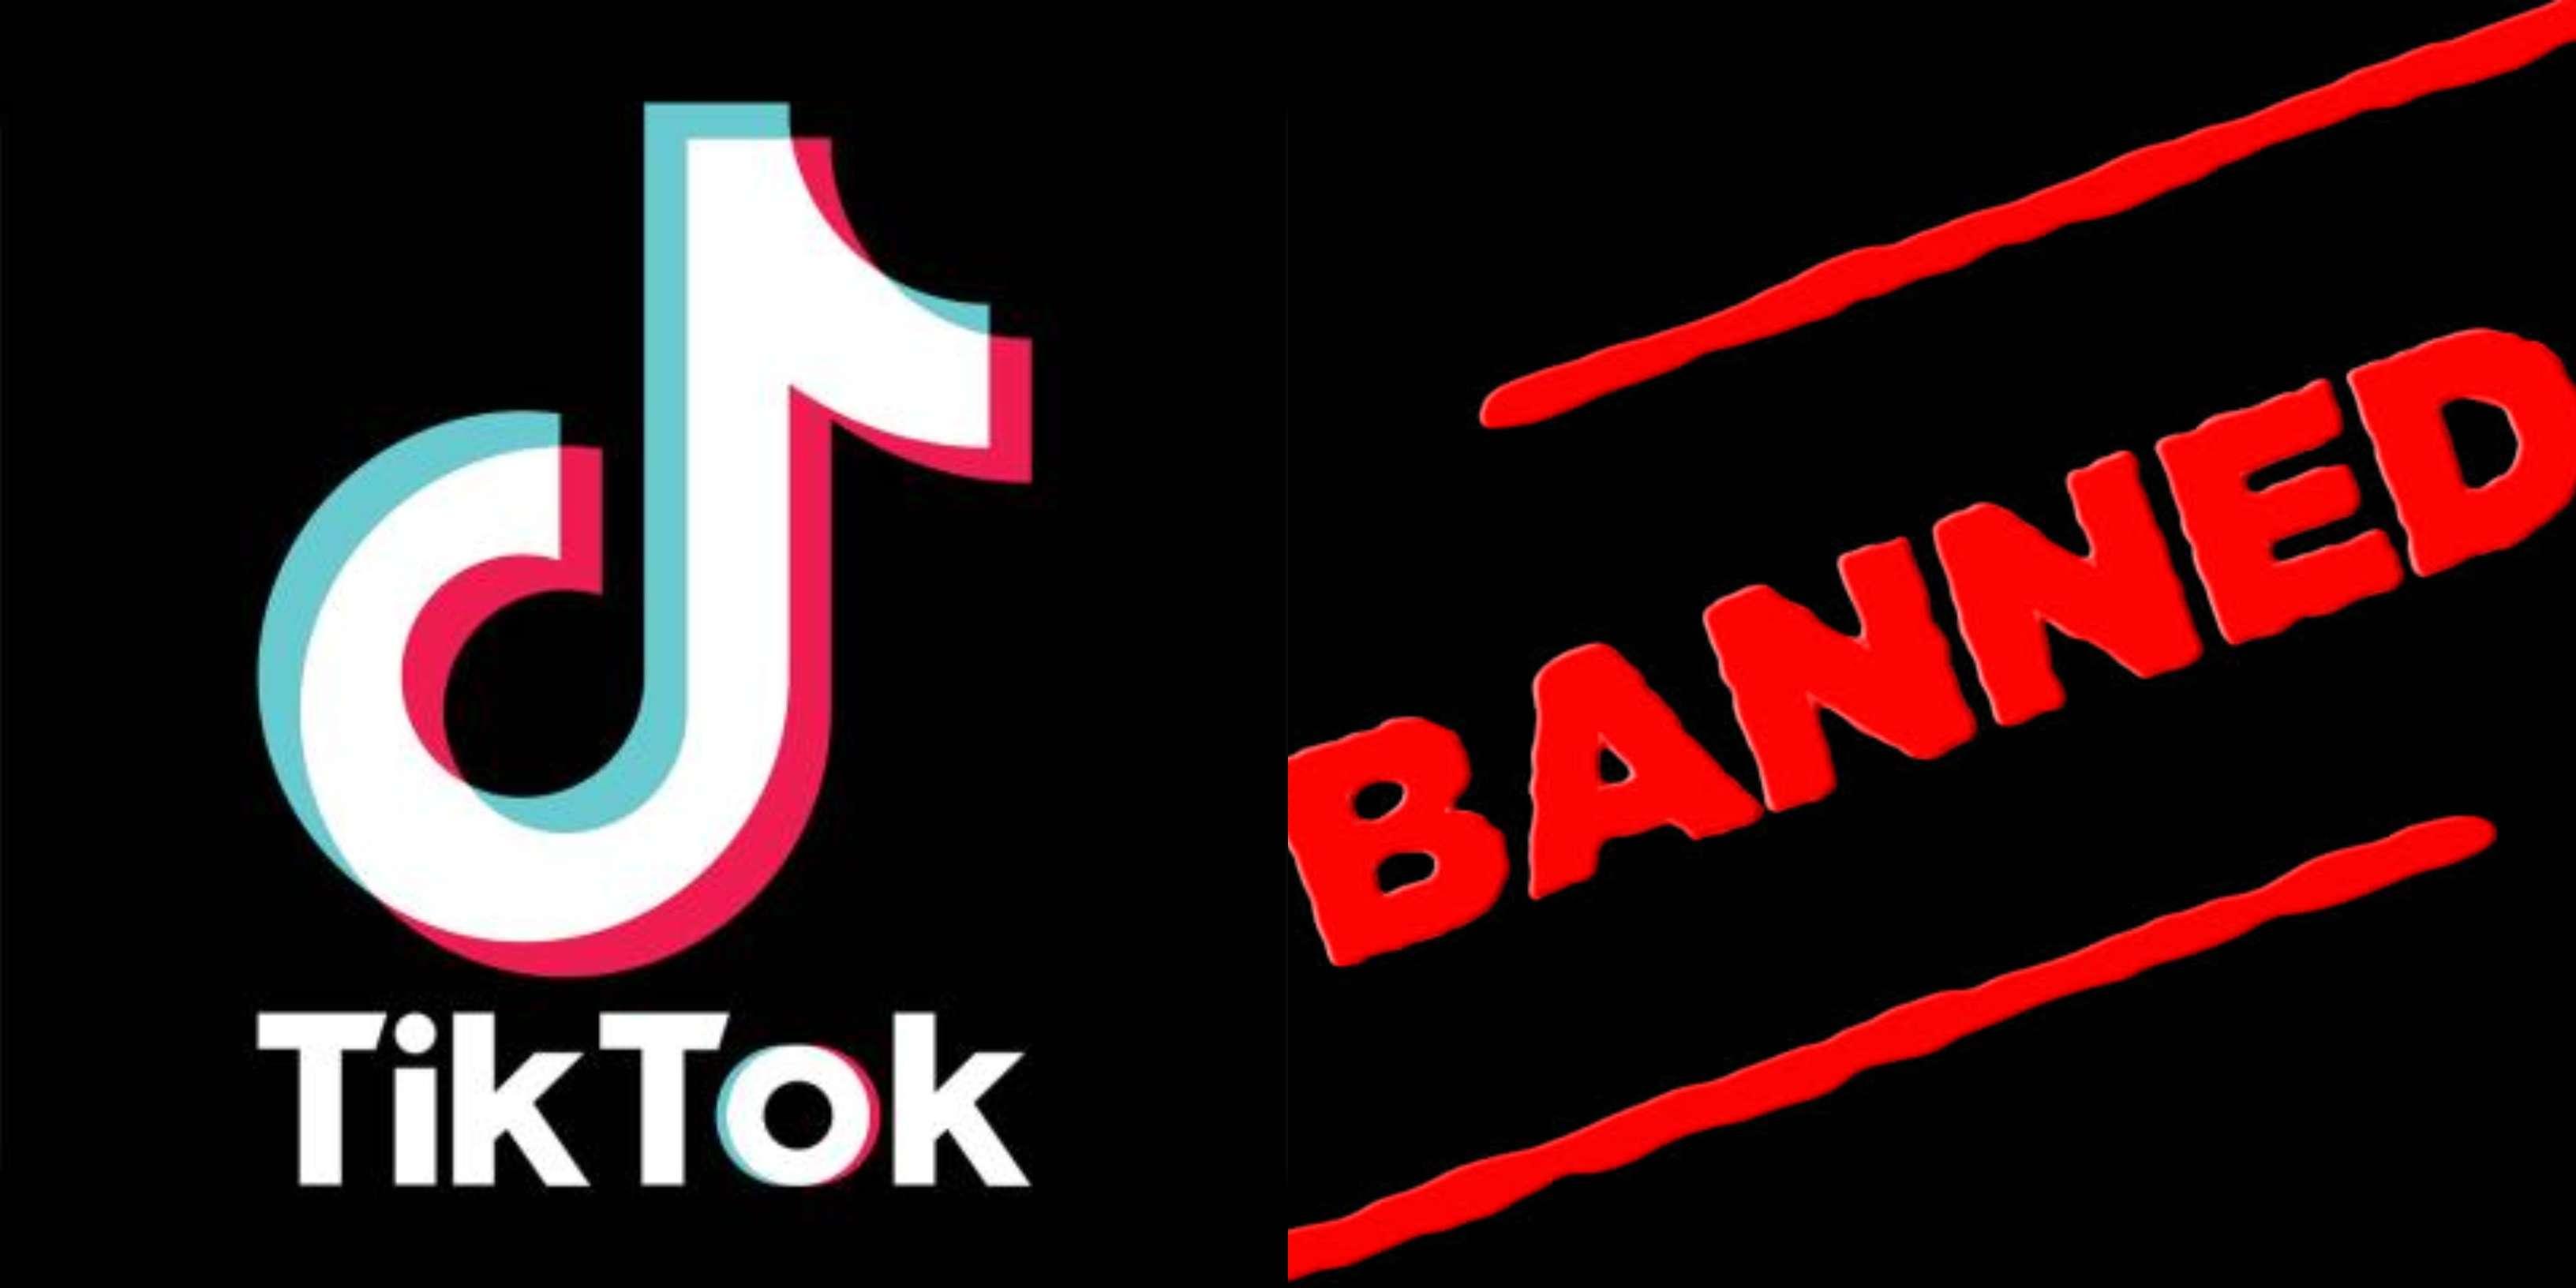 TiK ToK: Regulate, don't ban, say app users & parents after